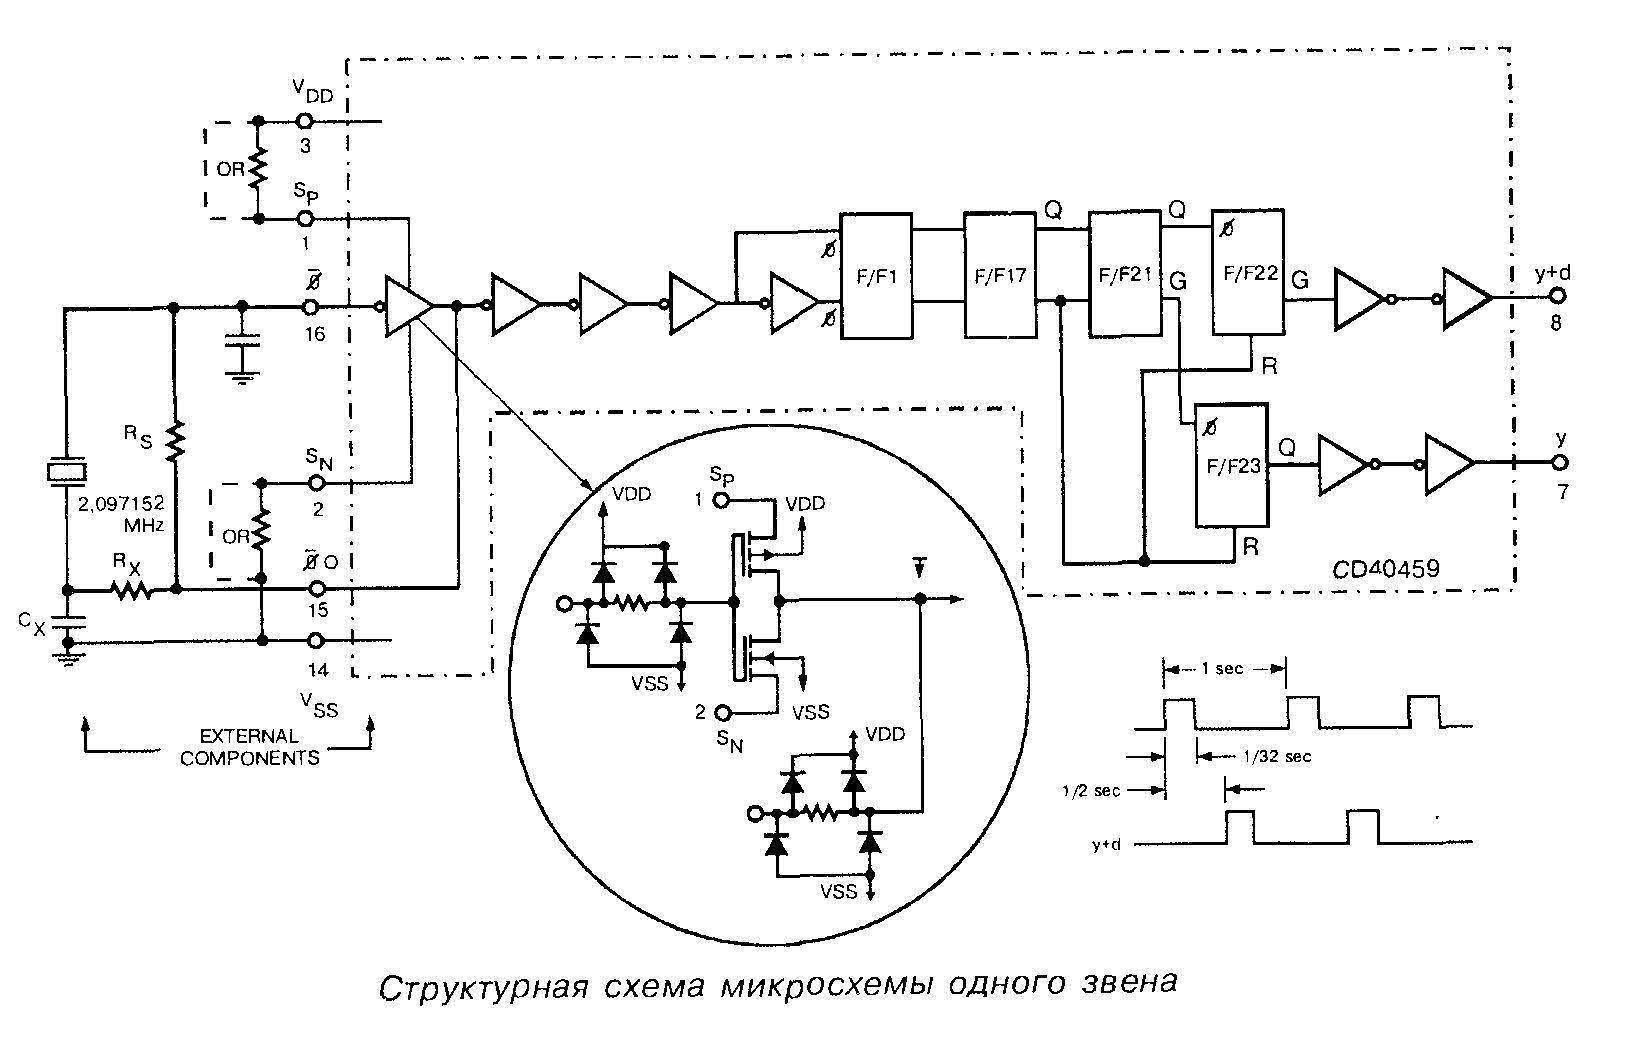 Микросхема 4045 - структурная схема одного звена